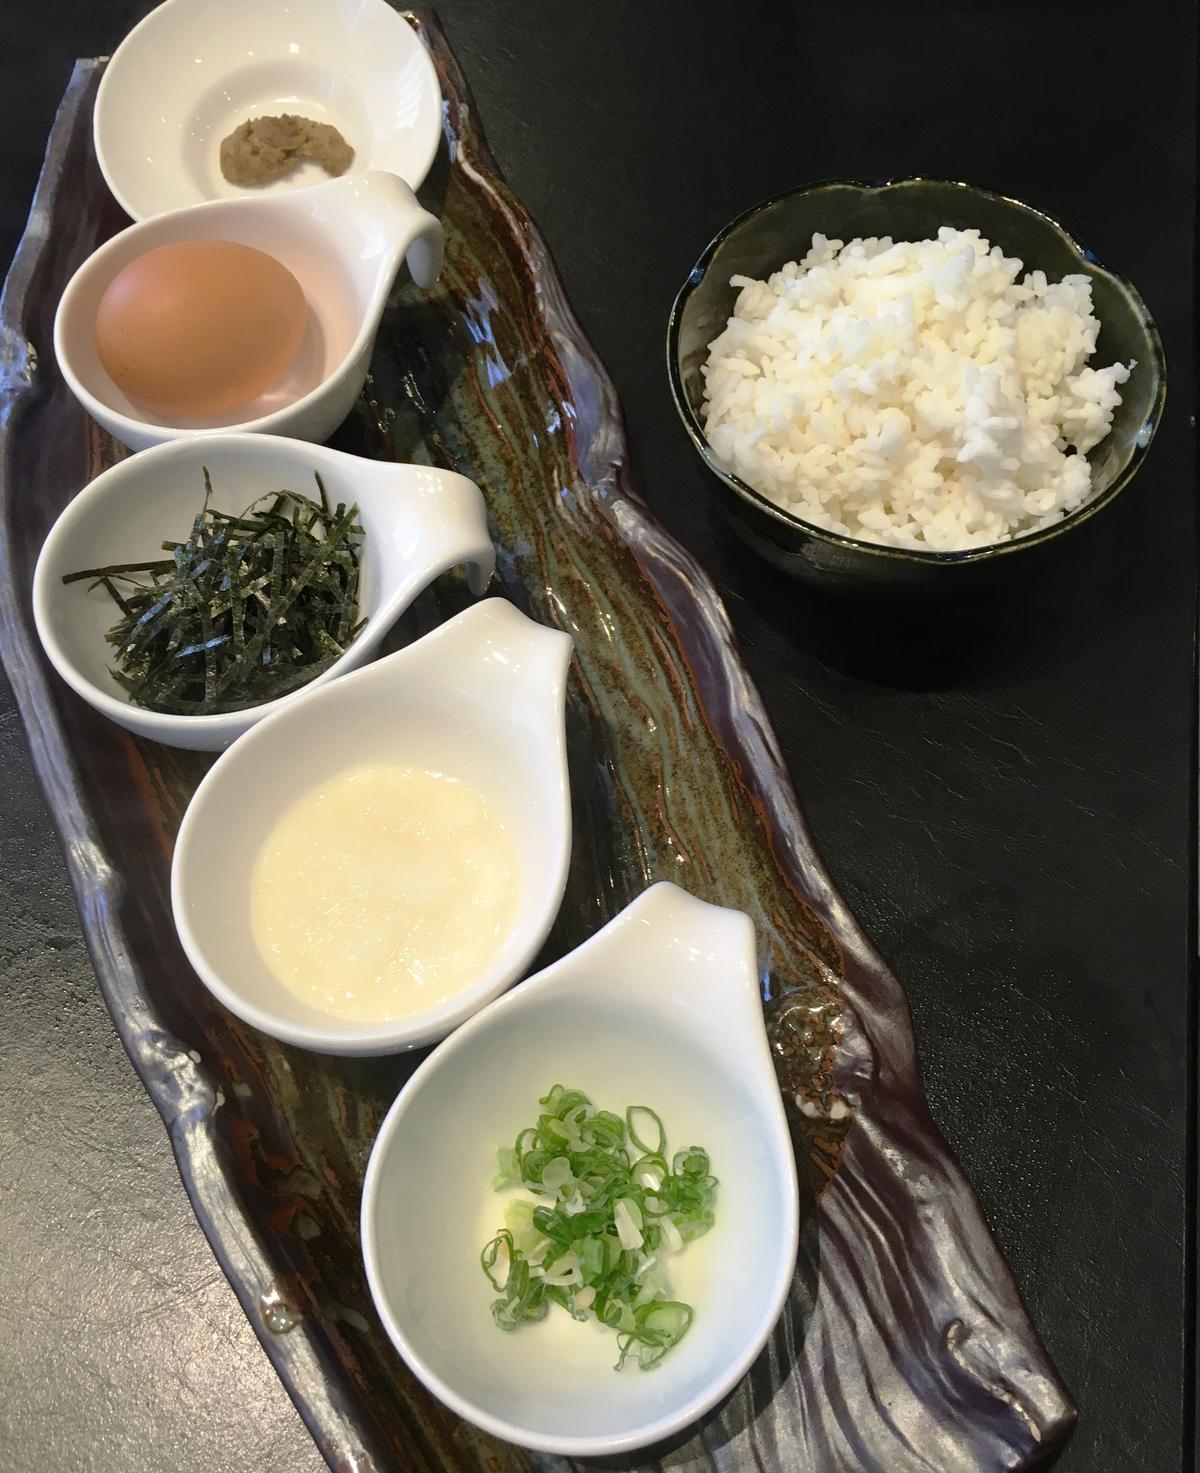 主廚特別在「日式雜炊」中加入日本松葉蟹膏和山藥泥。